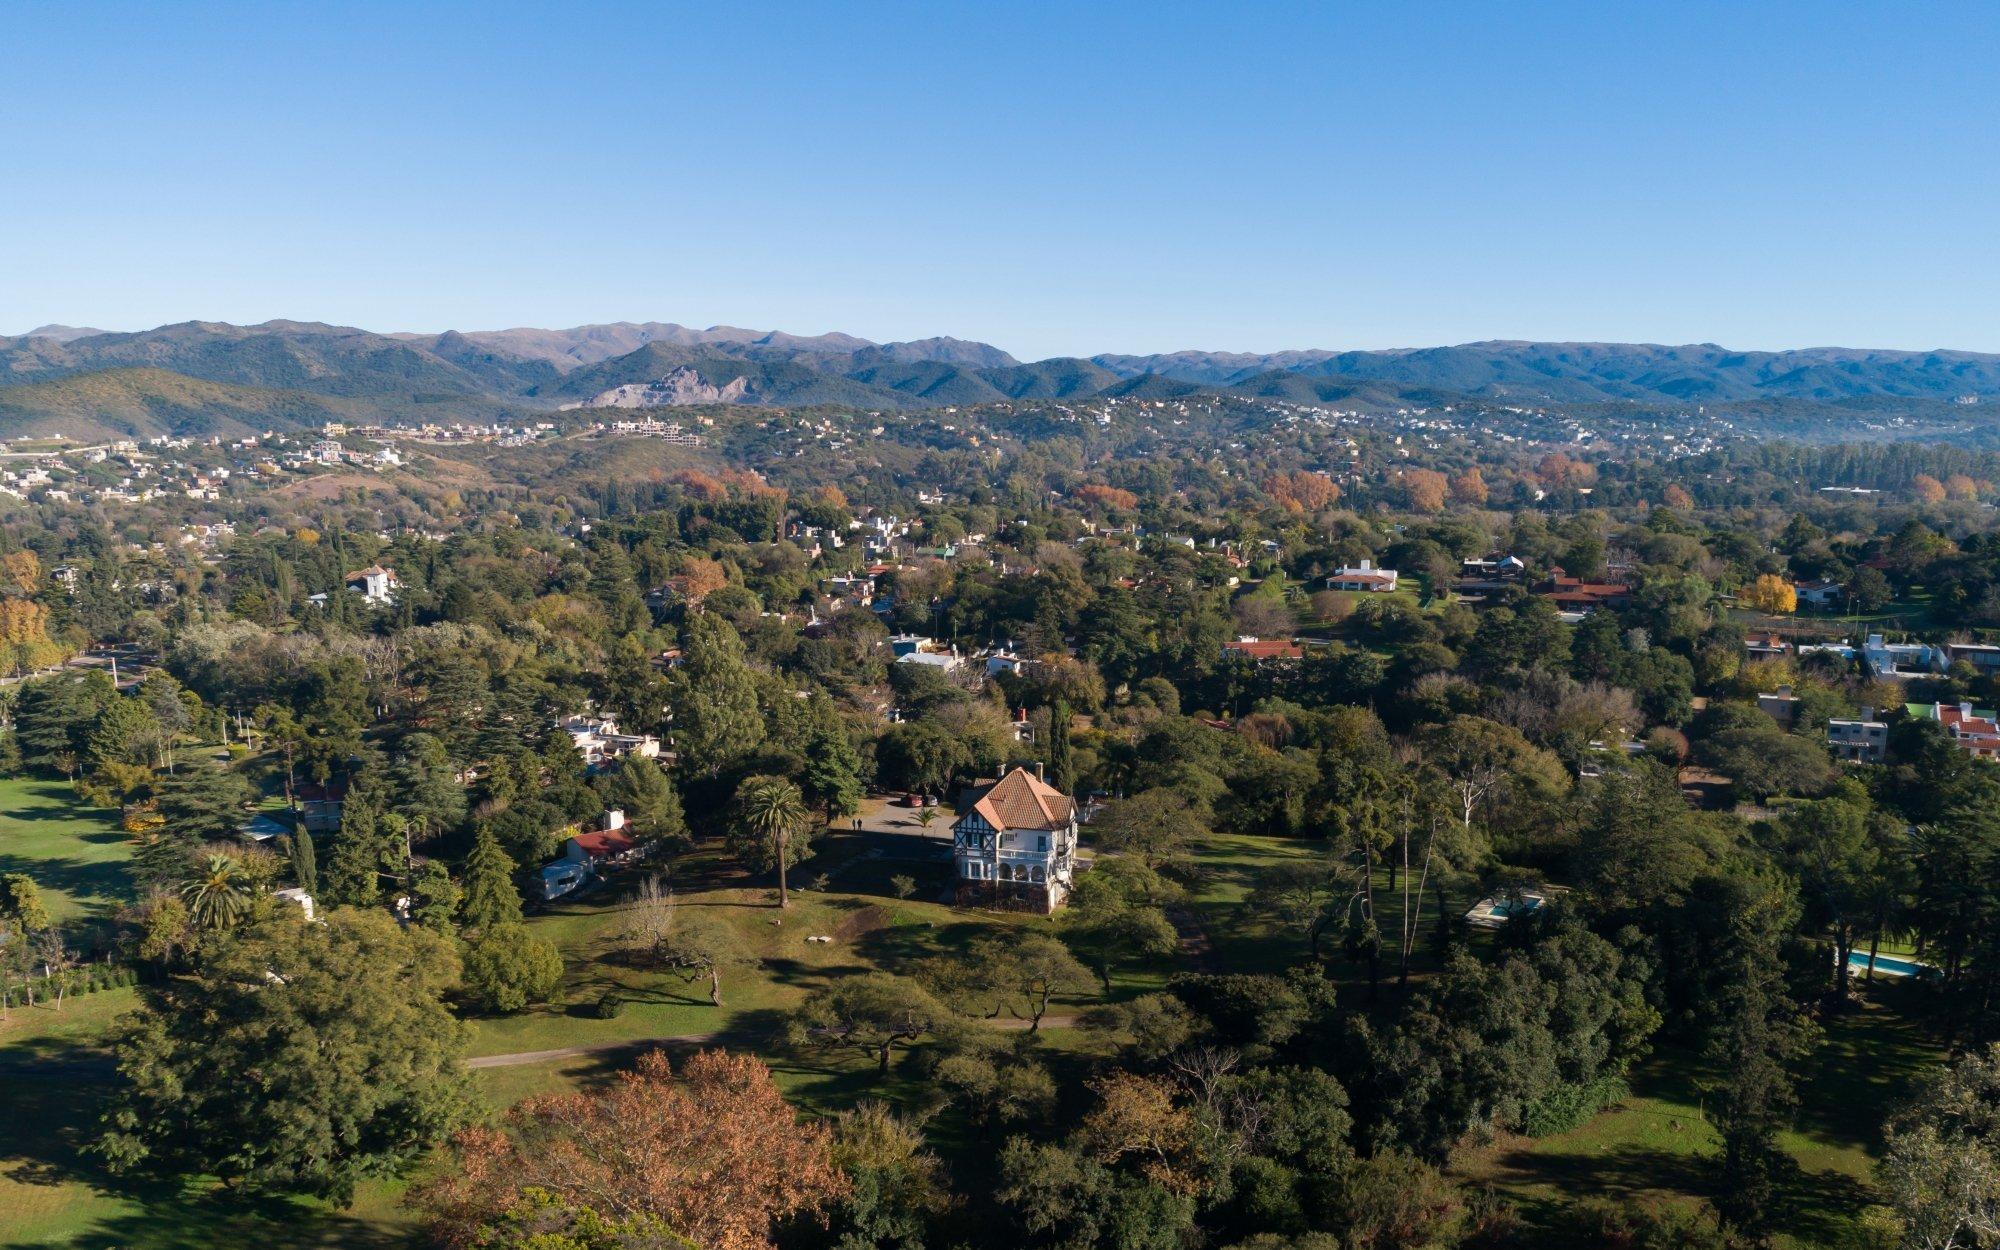 Qué hacer en Villa Allende: 5 propuestas para disfrutar